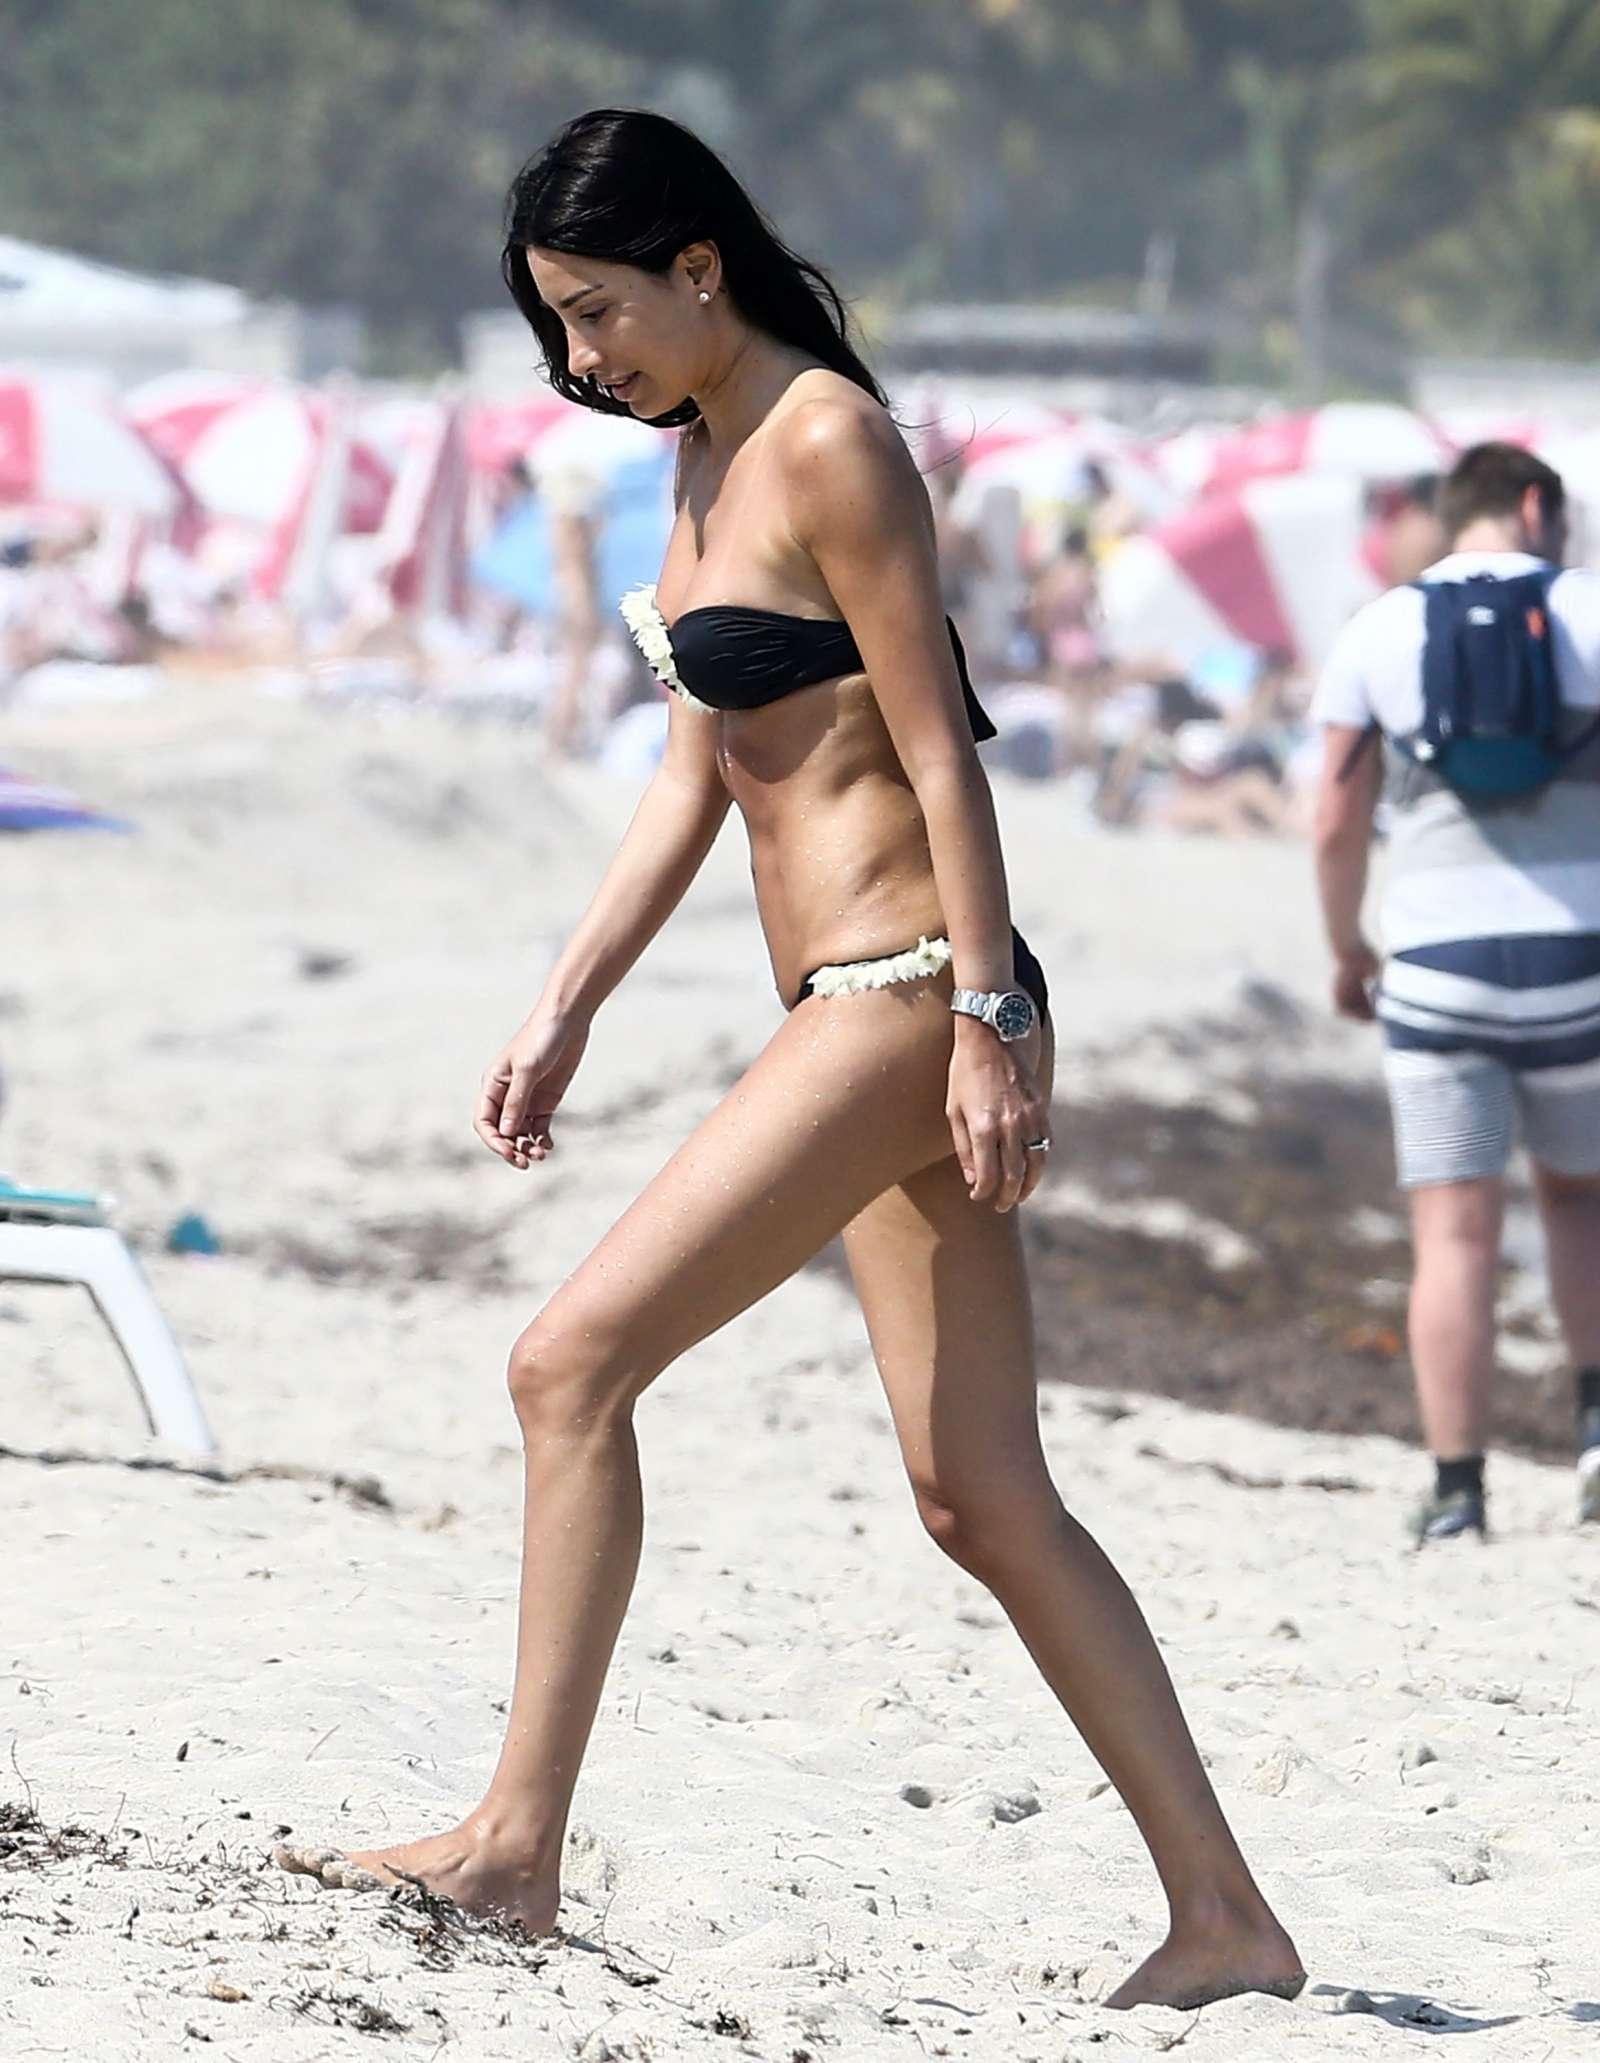 Bikini Giorgia Gabriele nude (18 photo), Ass, Bikini, Feet, braless 2019